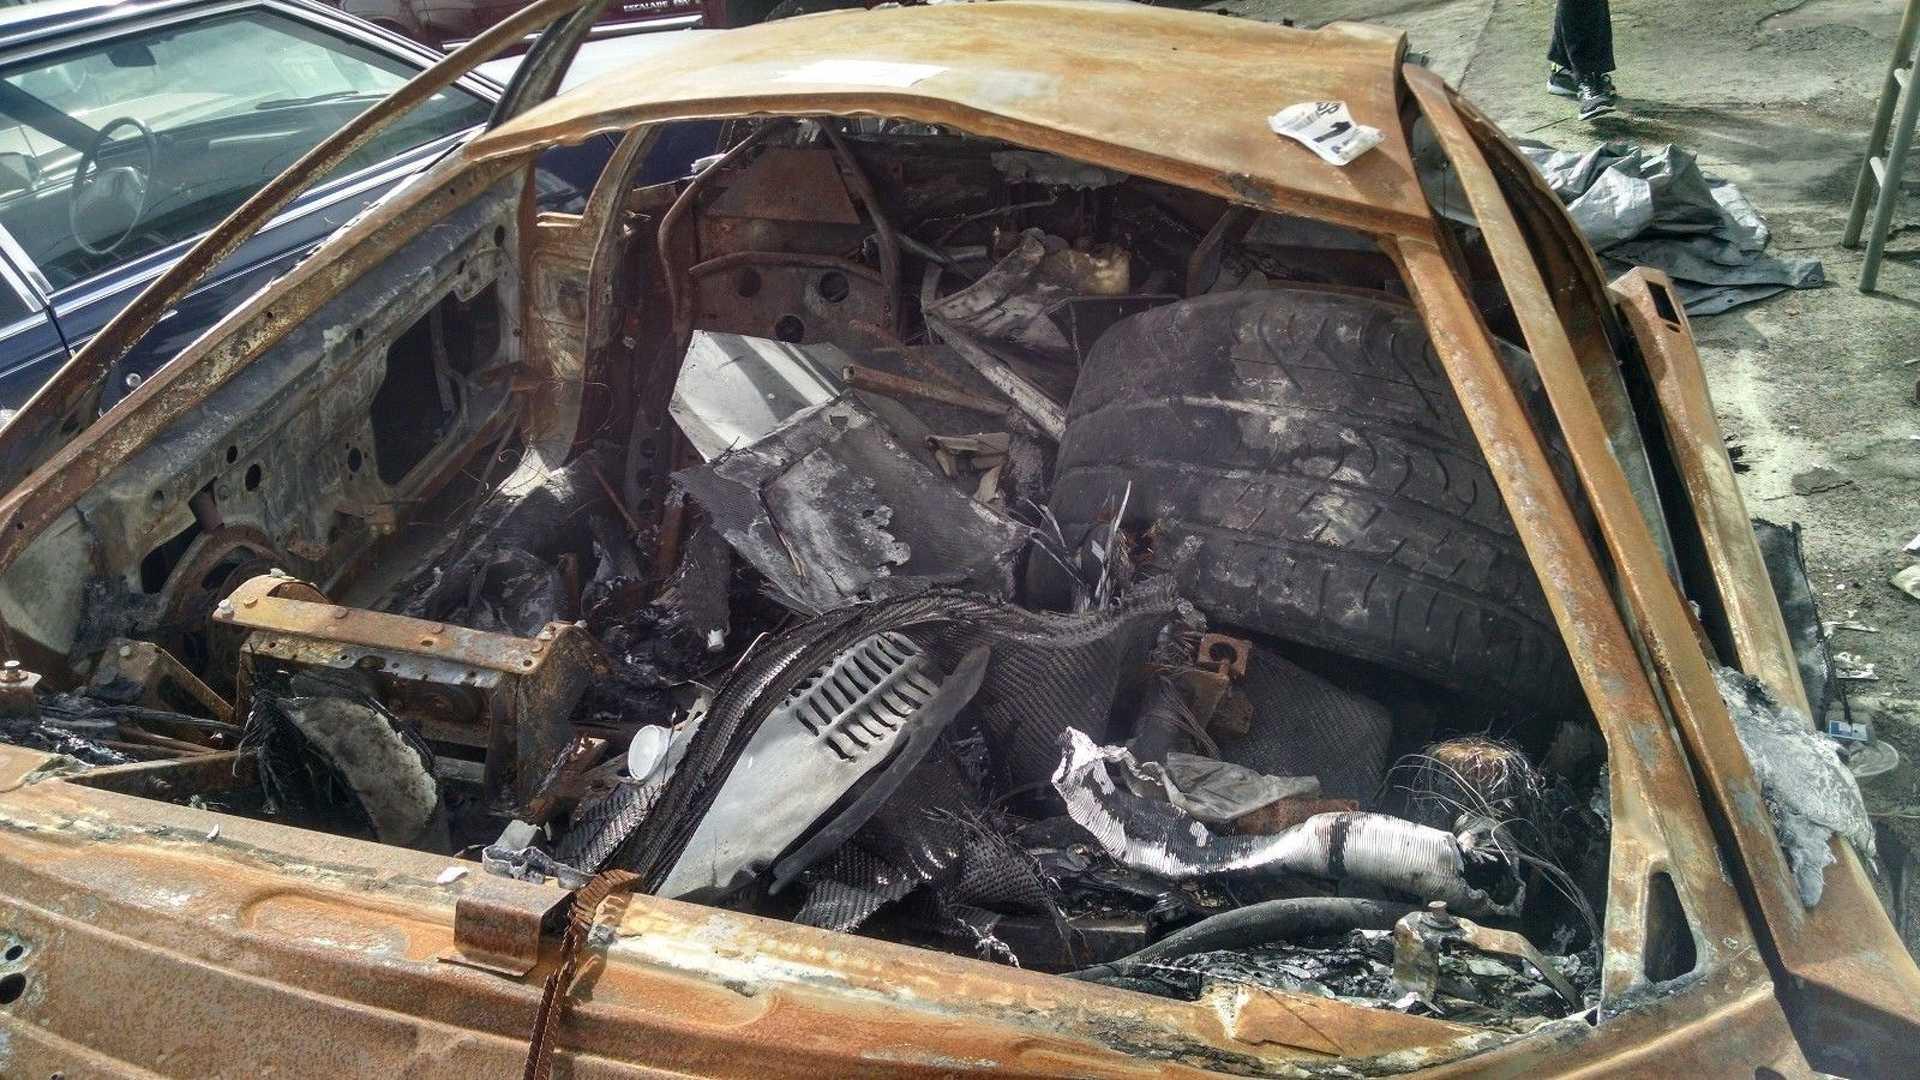 Lamborghini_Murcielago_destroyed_by_fire_03